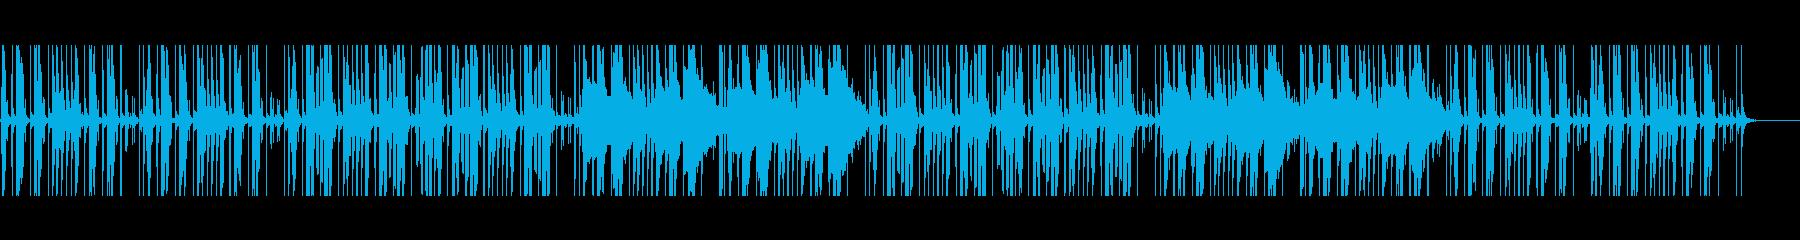 水をイメージしたチル系アンビエントの再生済みの波形